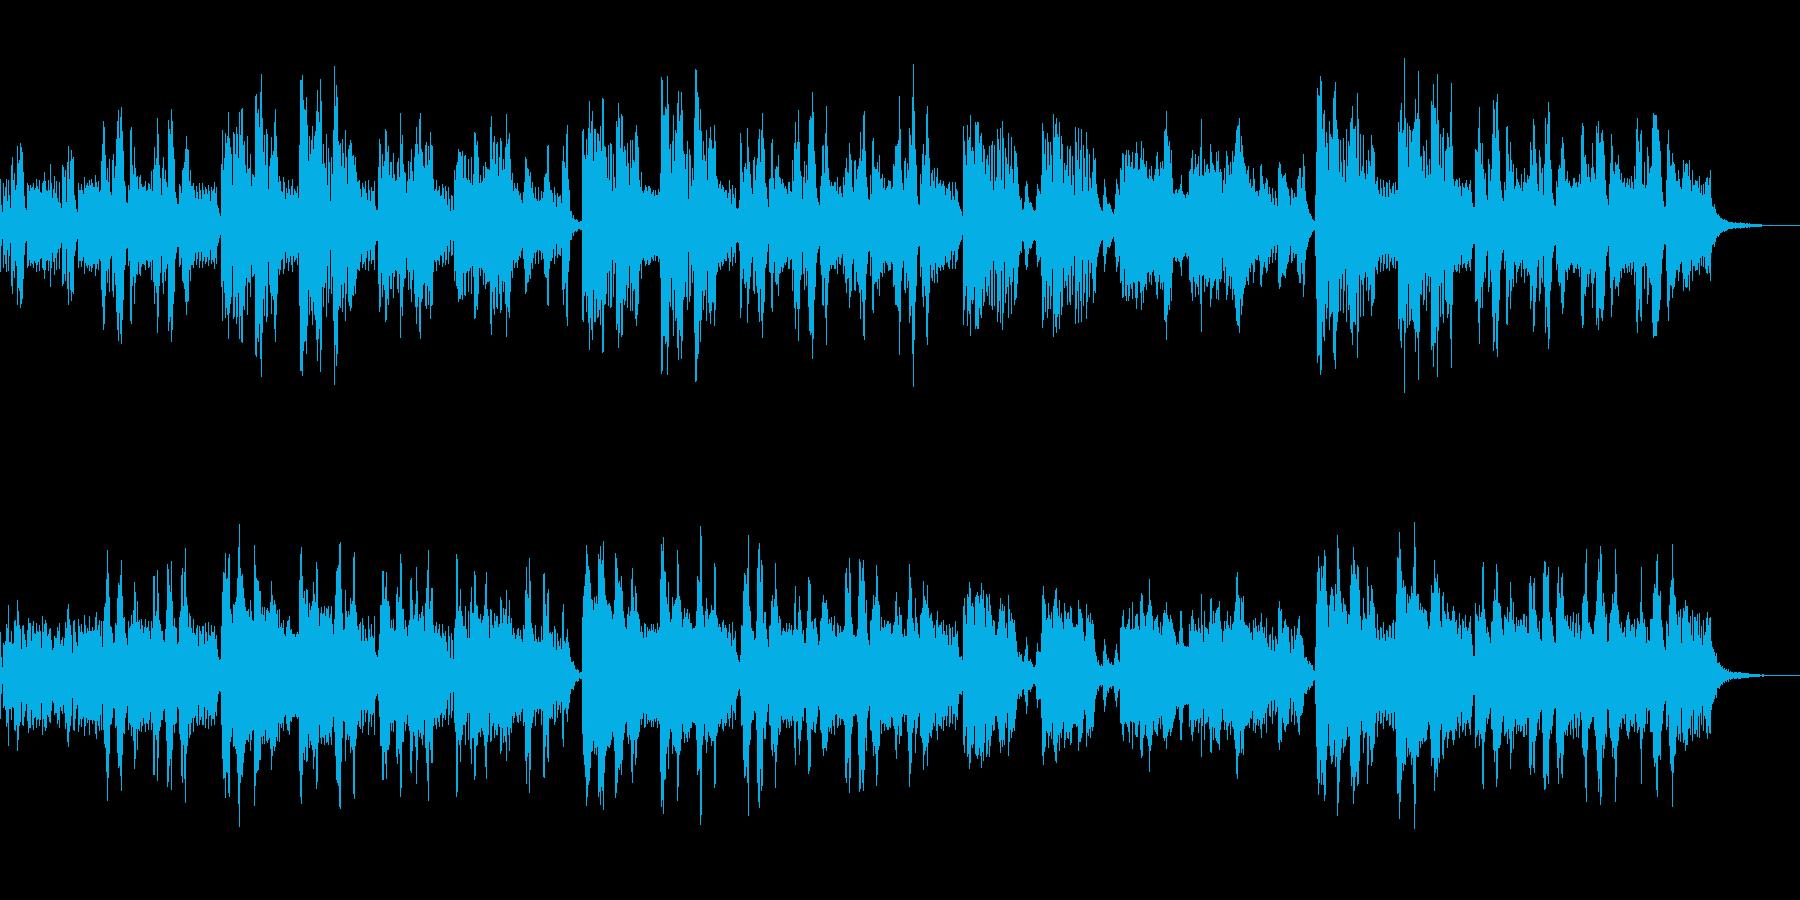 オルゴール部門用に頑張って新曲を作りま…の再生済みの波形